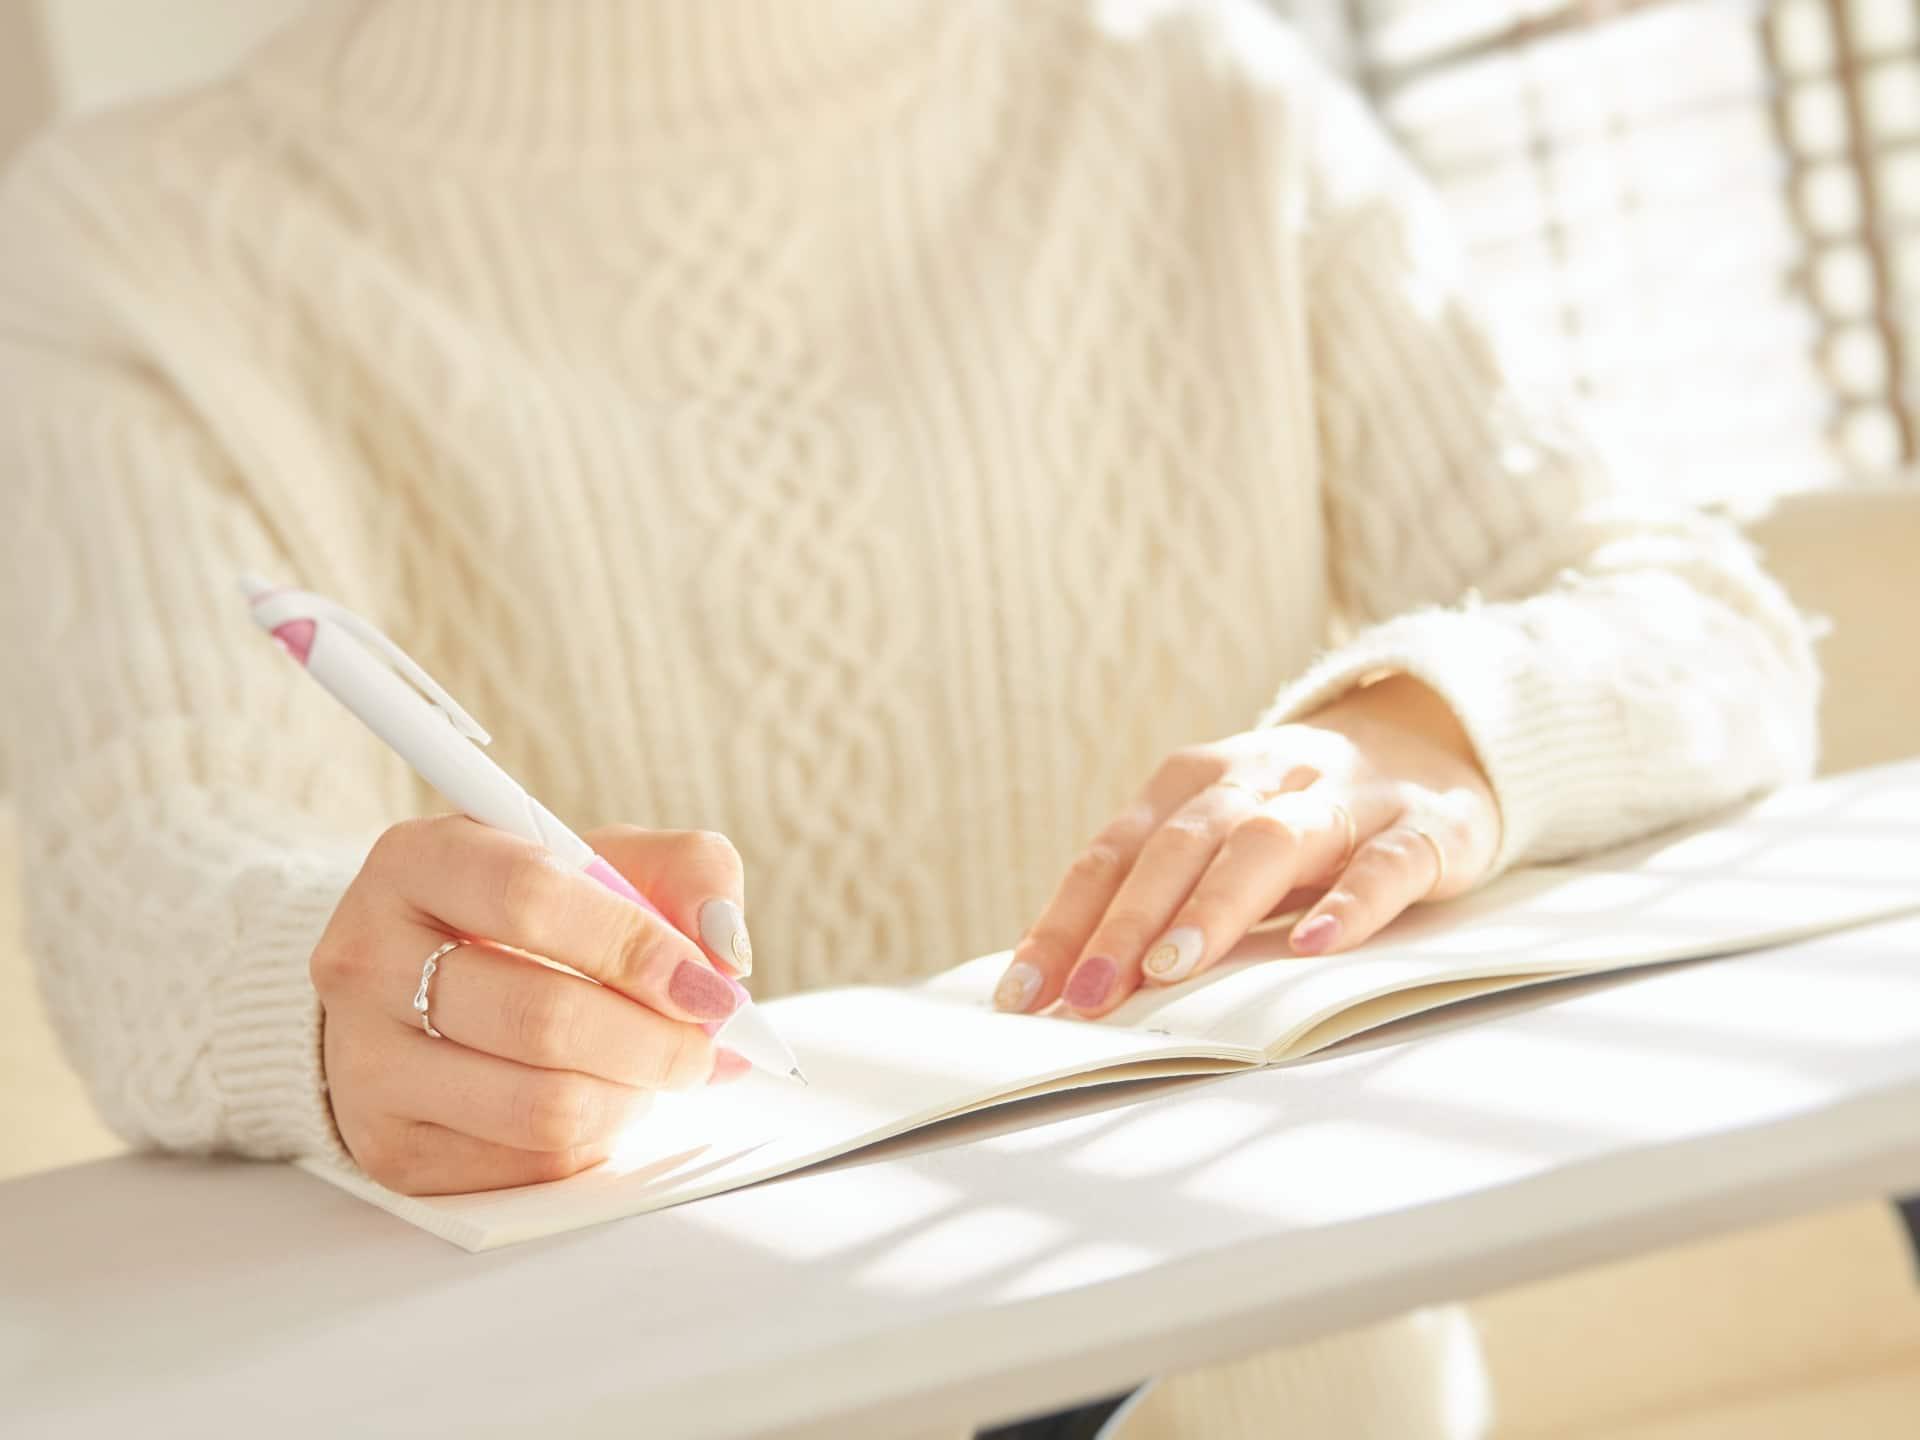 ペンを持つ女性、ノート